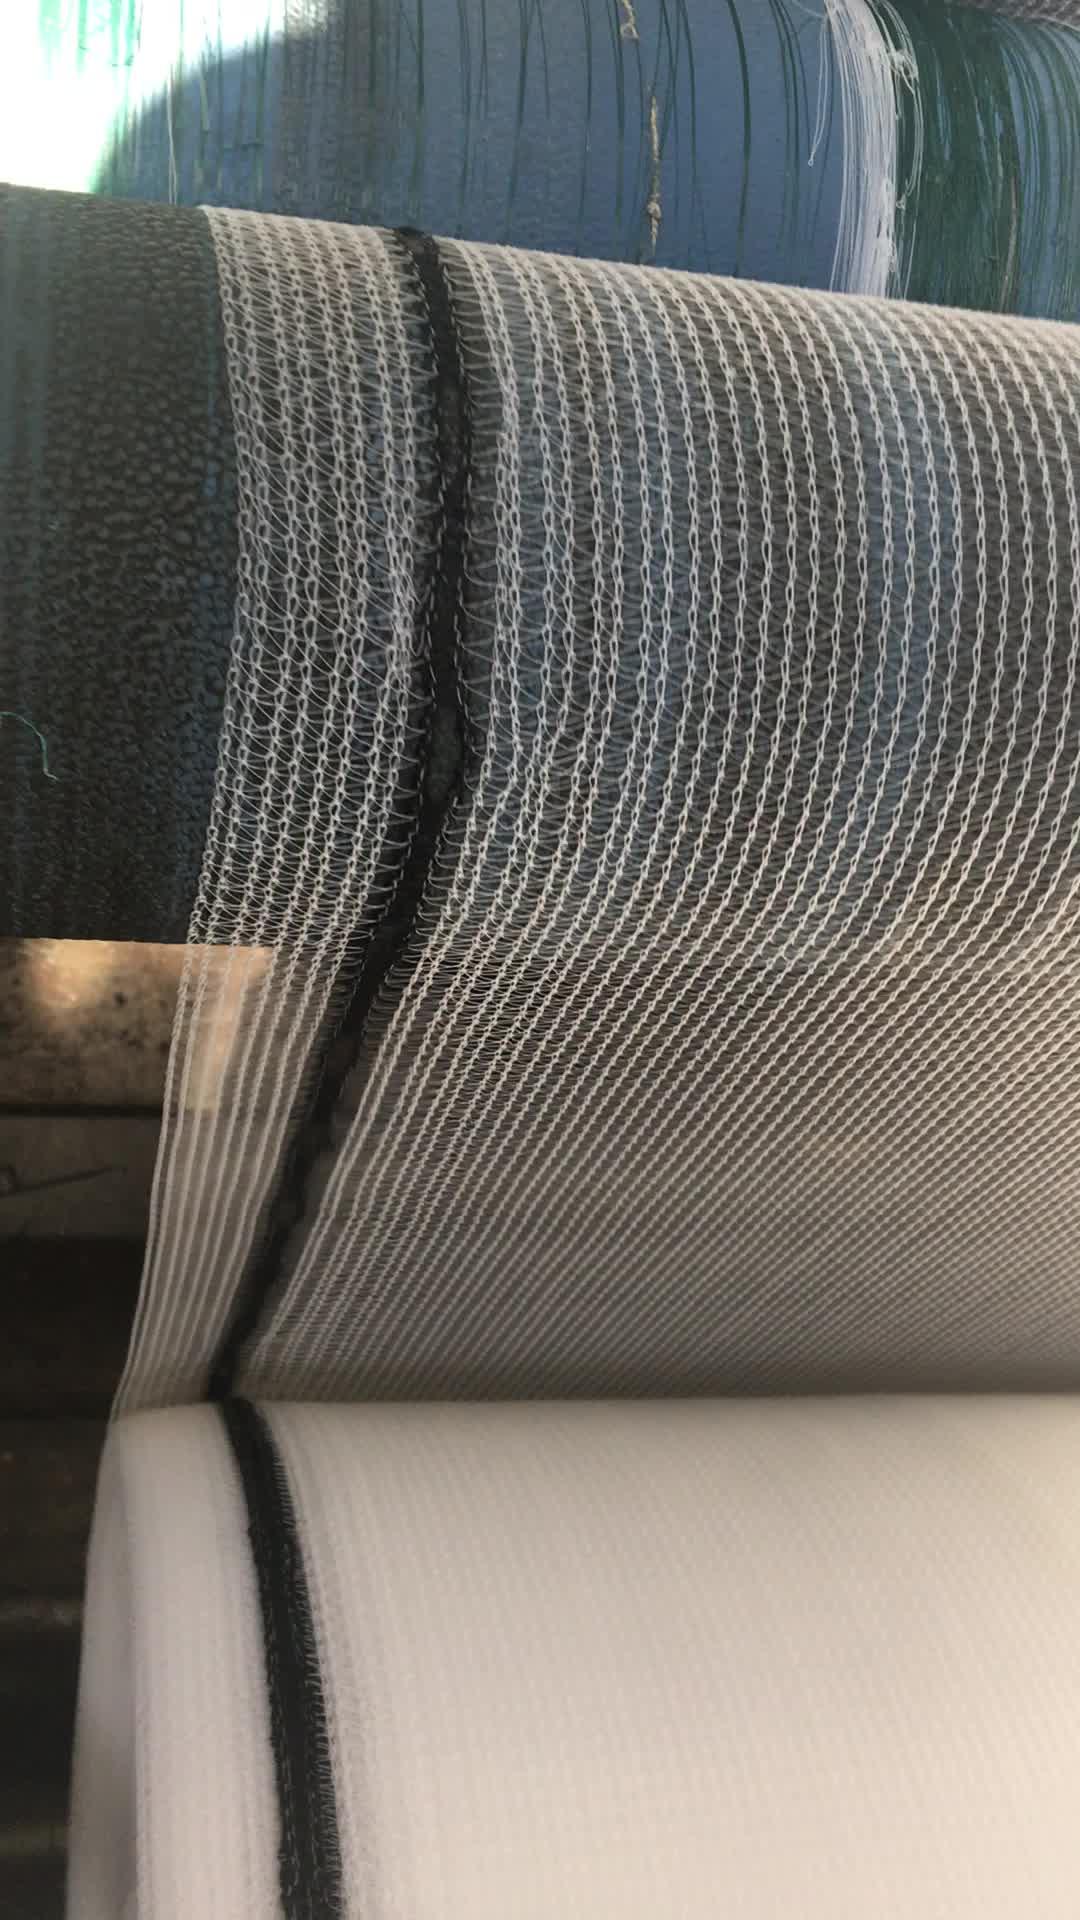 Hot koop bouw netto/pvc veiligheid mesh/Polyethyleen veiligheid netto uit Hefei Grand Netten